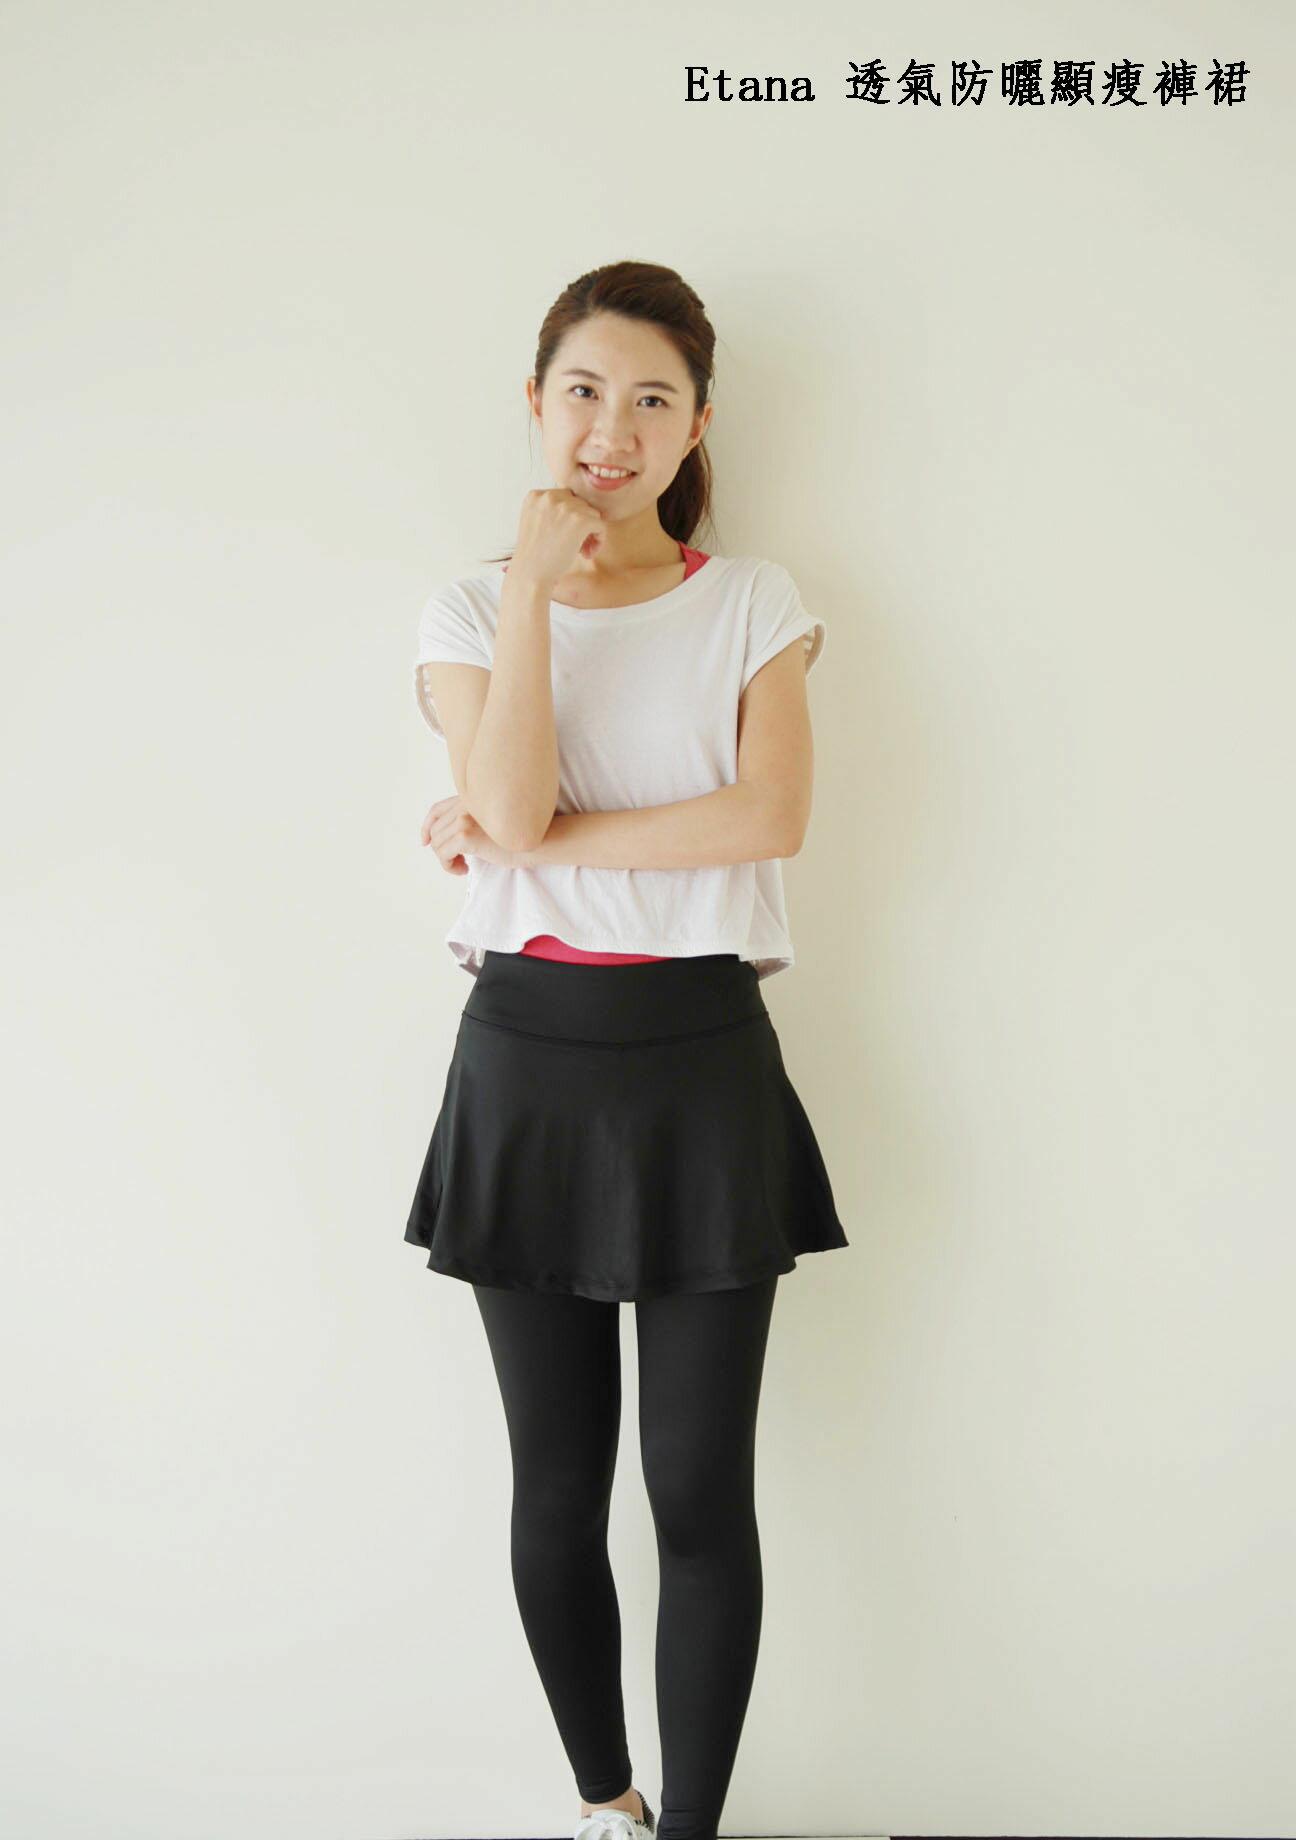 透氣緊彈顯瘦褲+透氣緊彈顯瘦褲裙